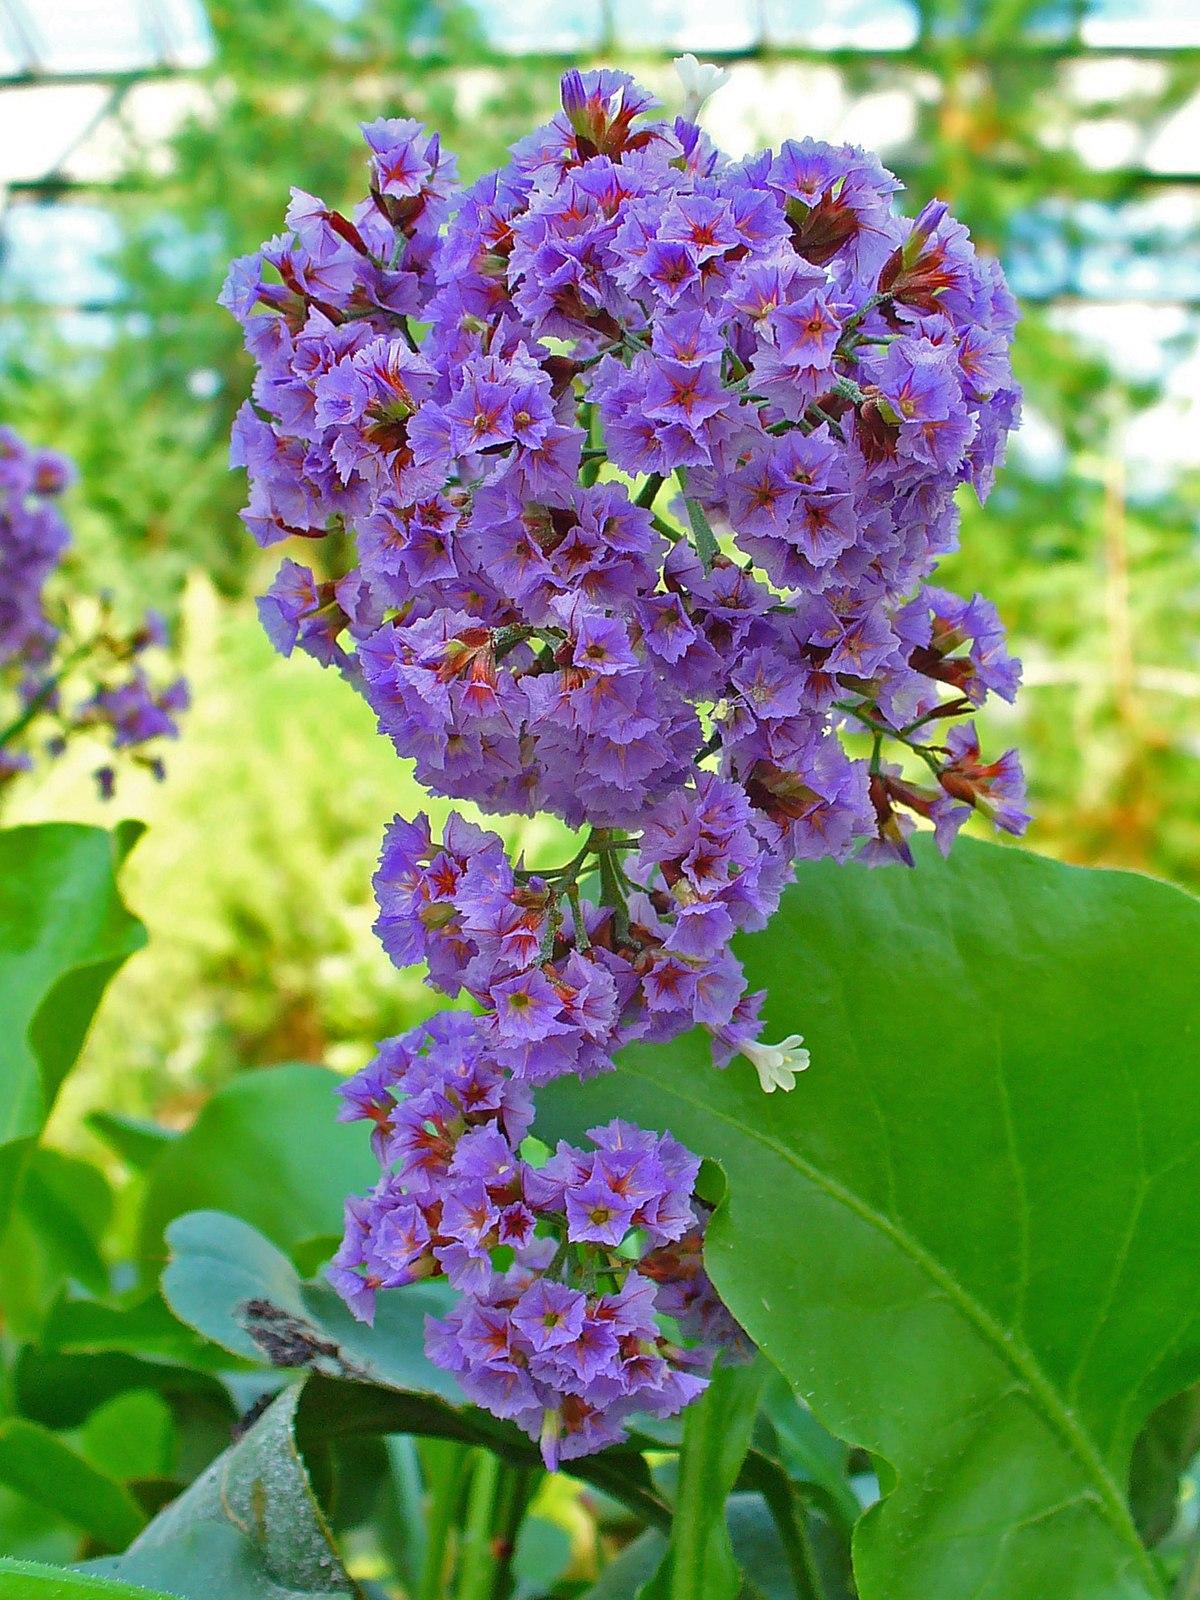 Limonium Arborescens Wikipedia